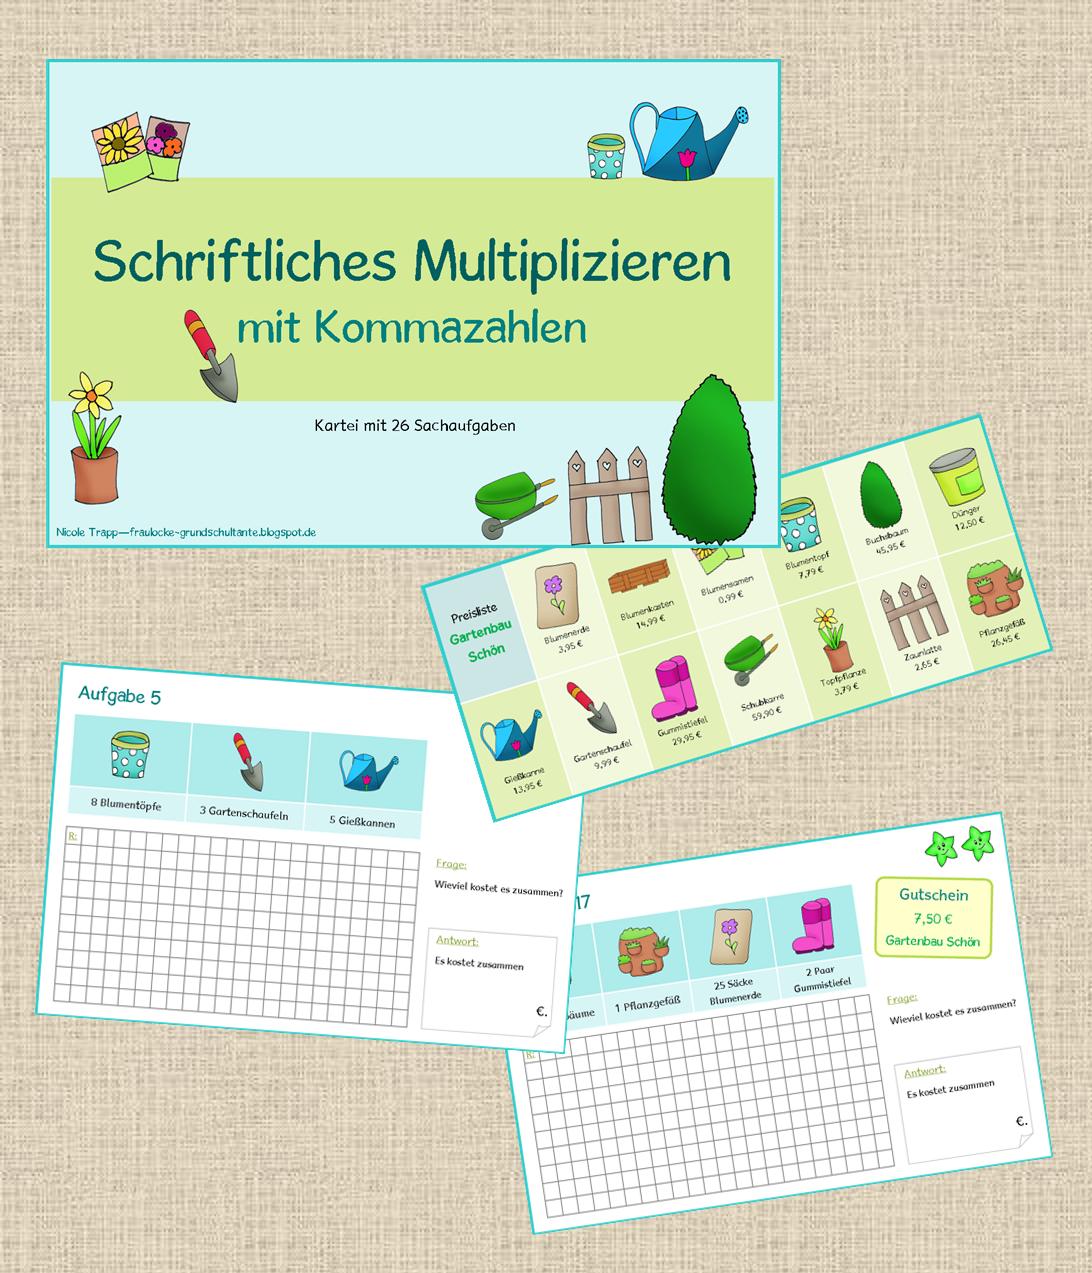 Charmant Multiplikation Arbeitsblatt Für 4. Klasse Ideen - Gemischte ...